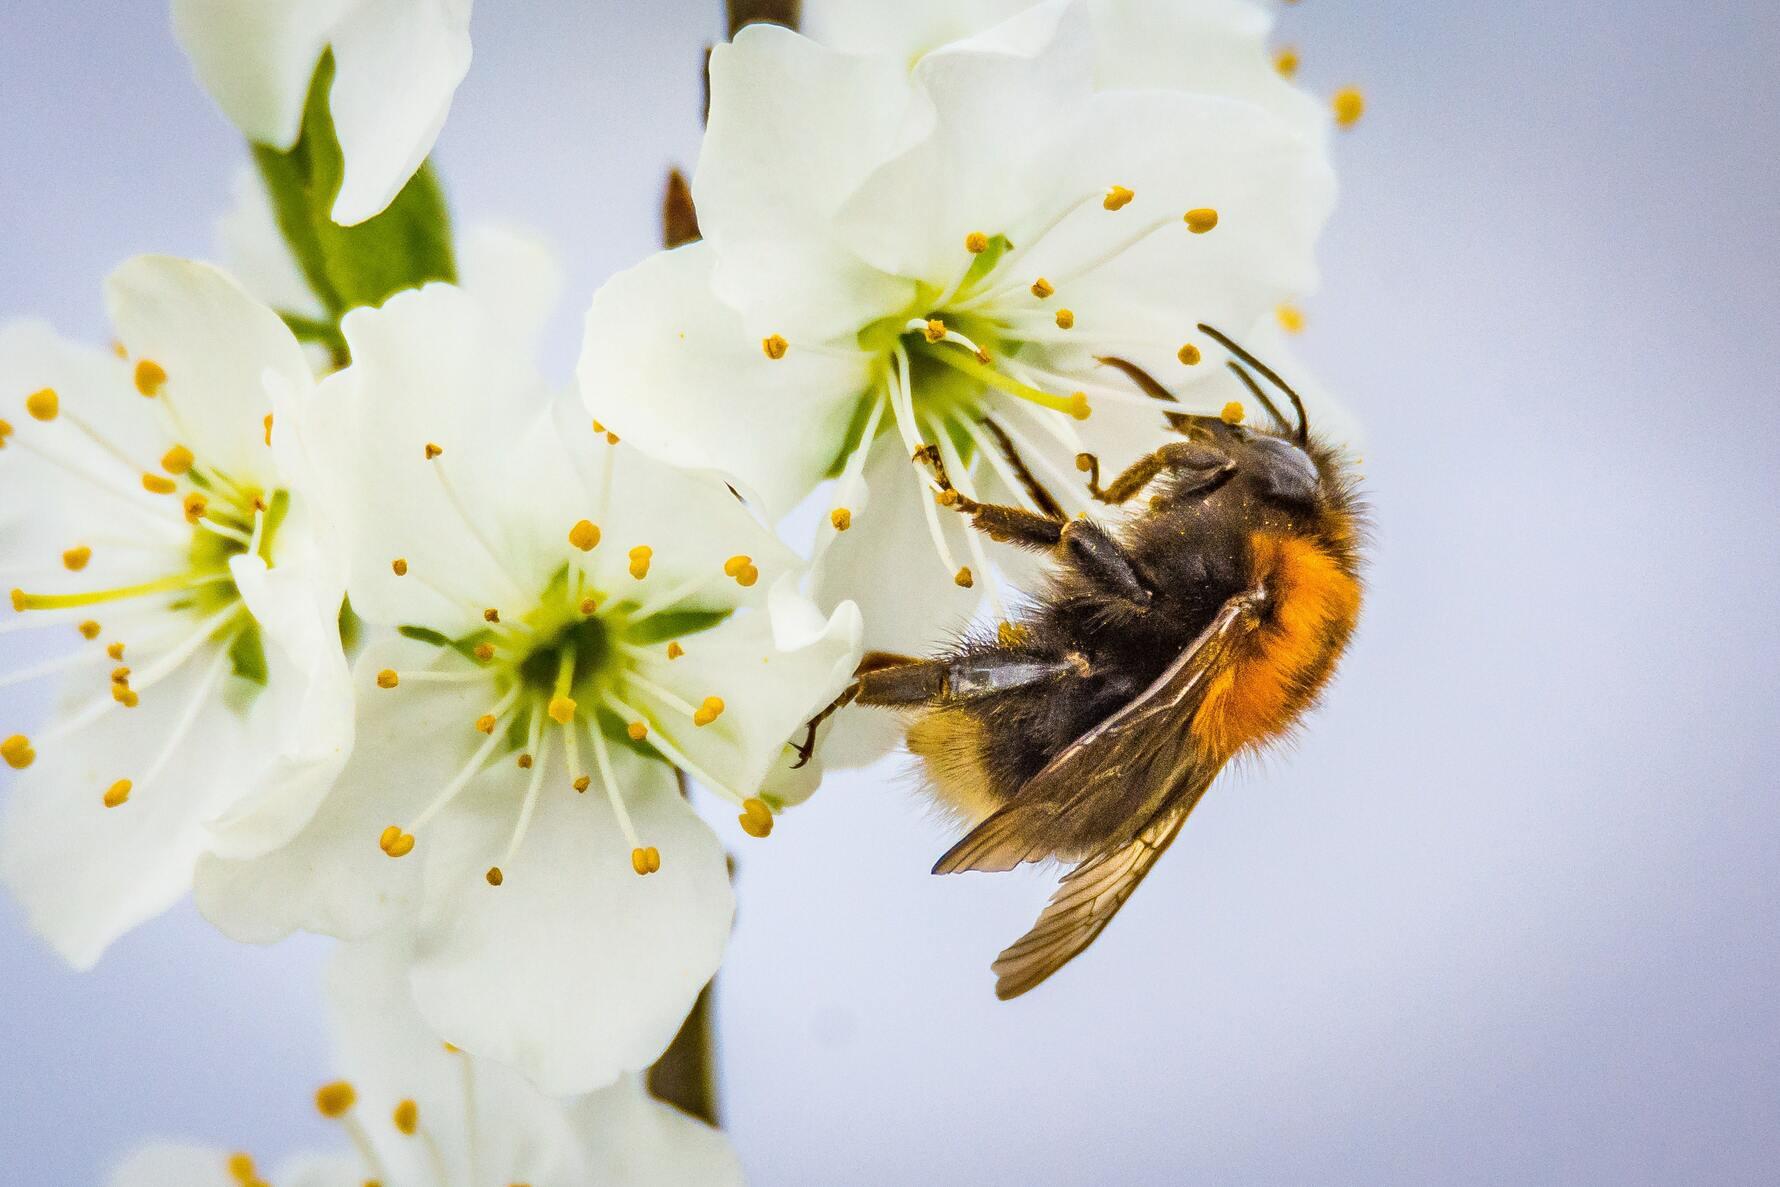 Ảnh ong thợ lấy mật